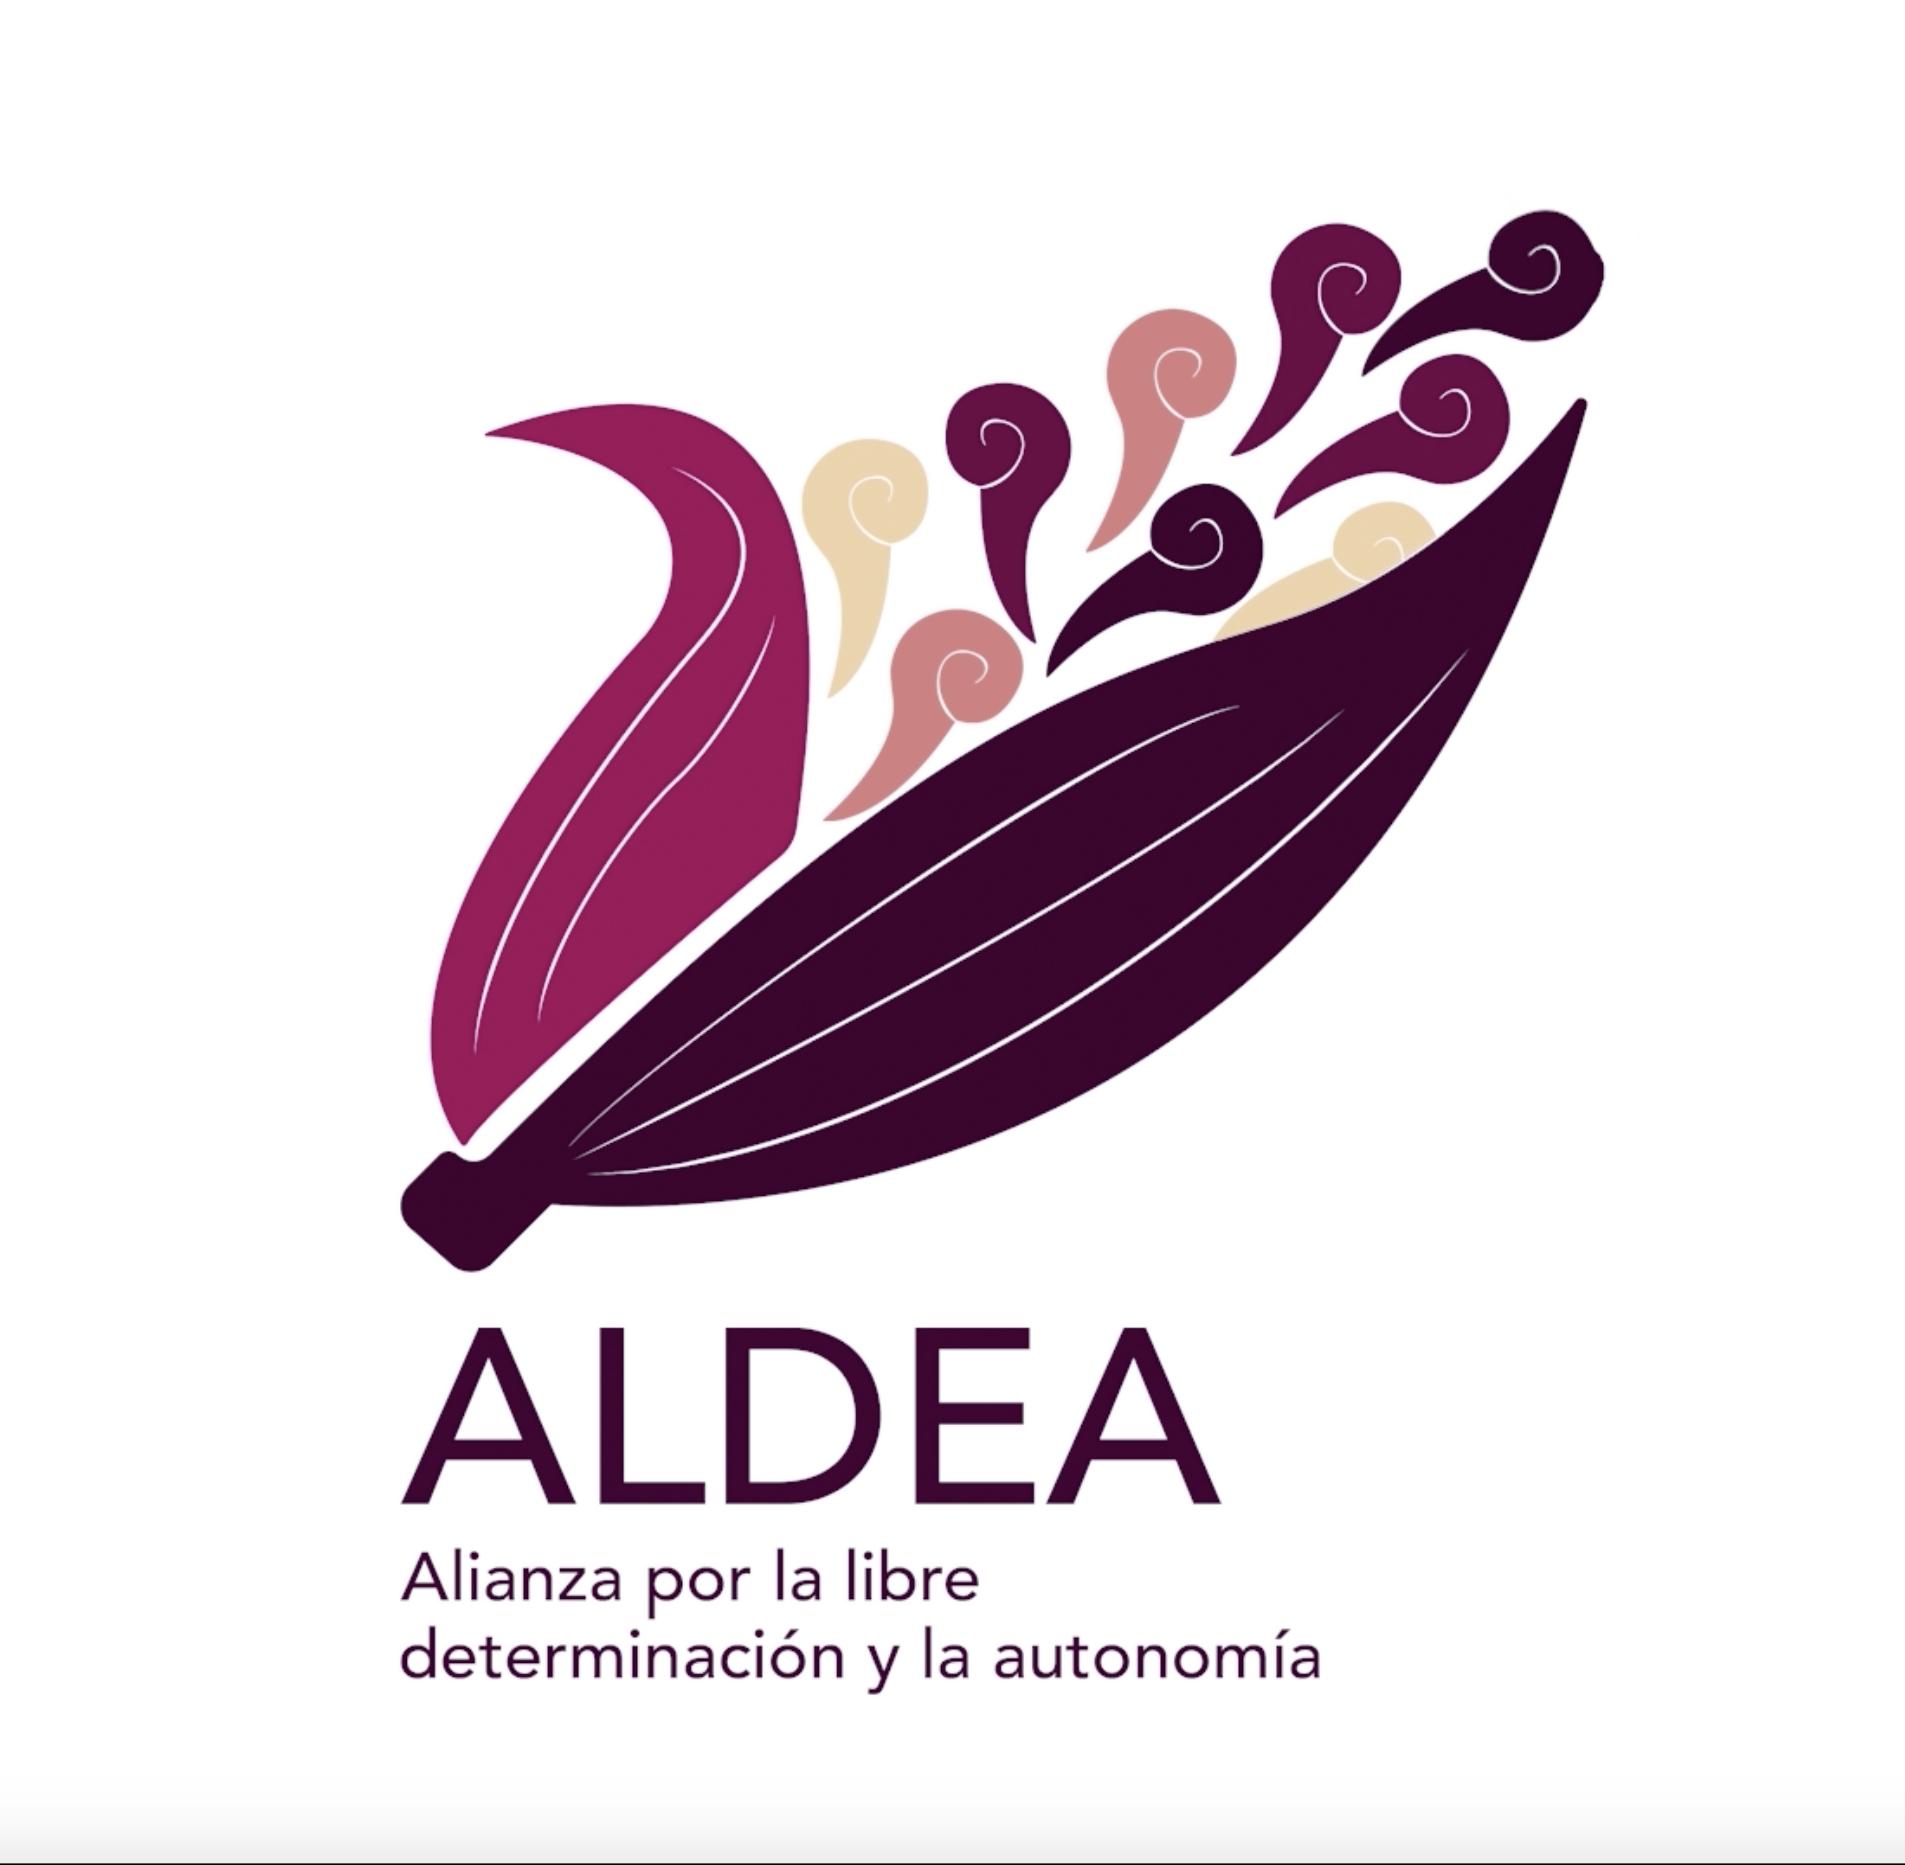 Alianza por la Libre Determinación y la Autonomía (ALDEA)